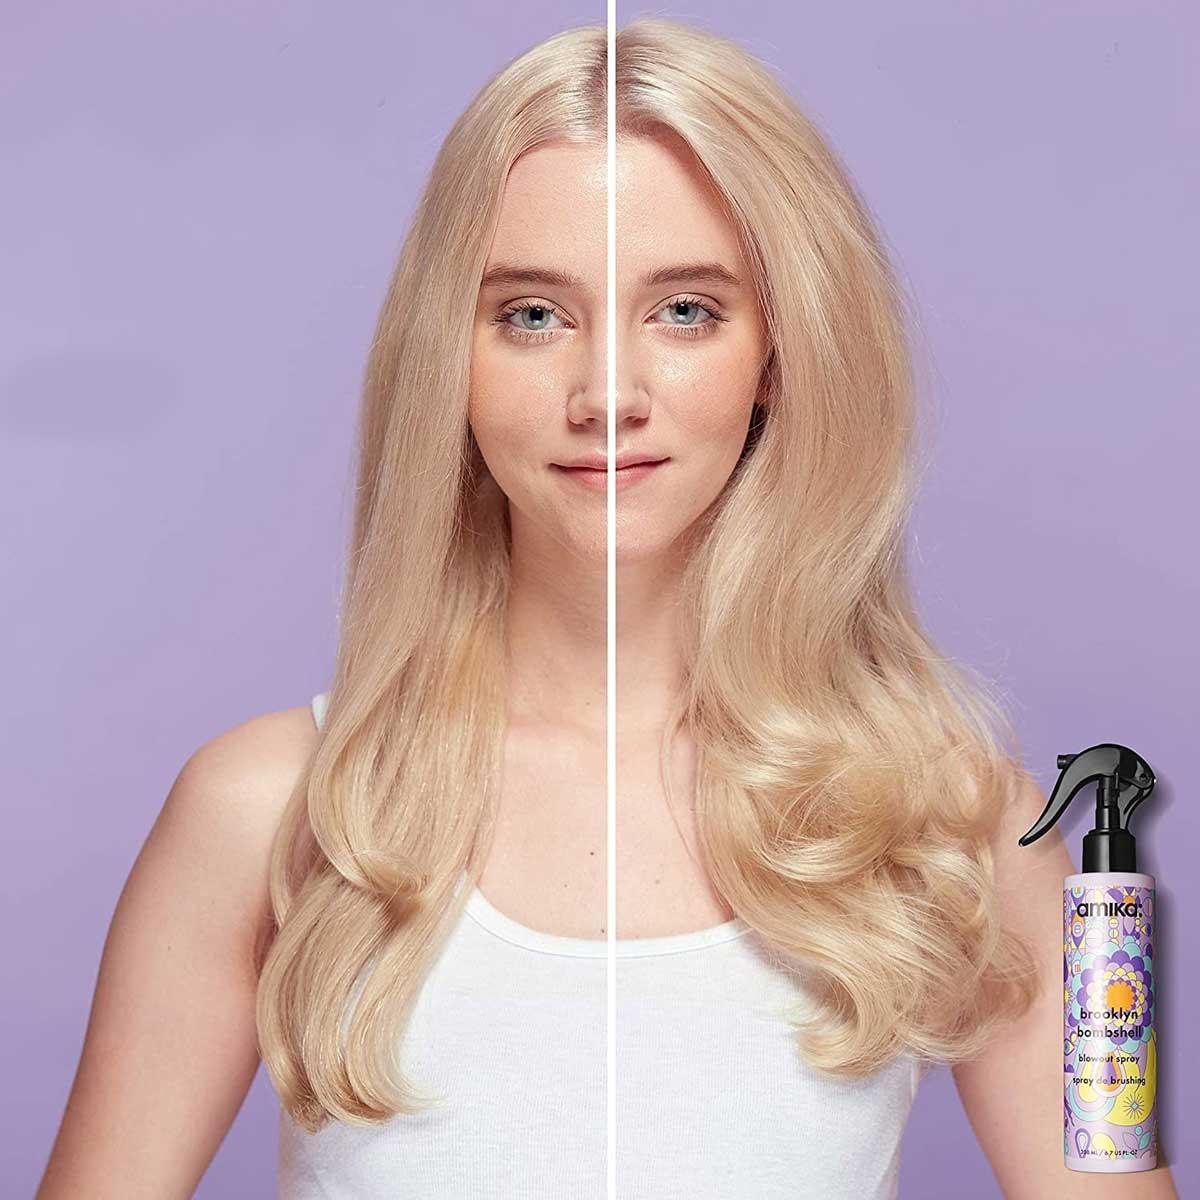 İnce Telli ve Seyrek Saçlar İçin Saç Modeli Önerileri